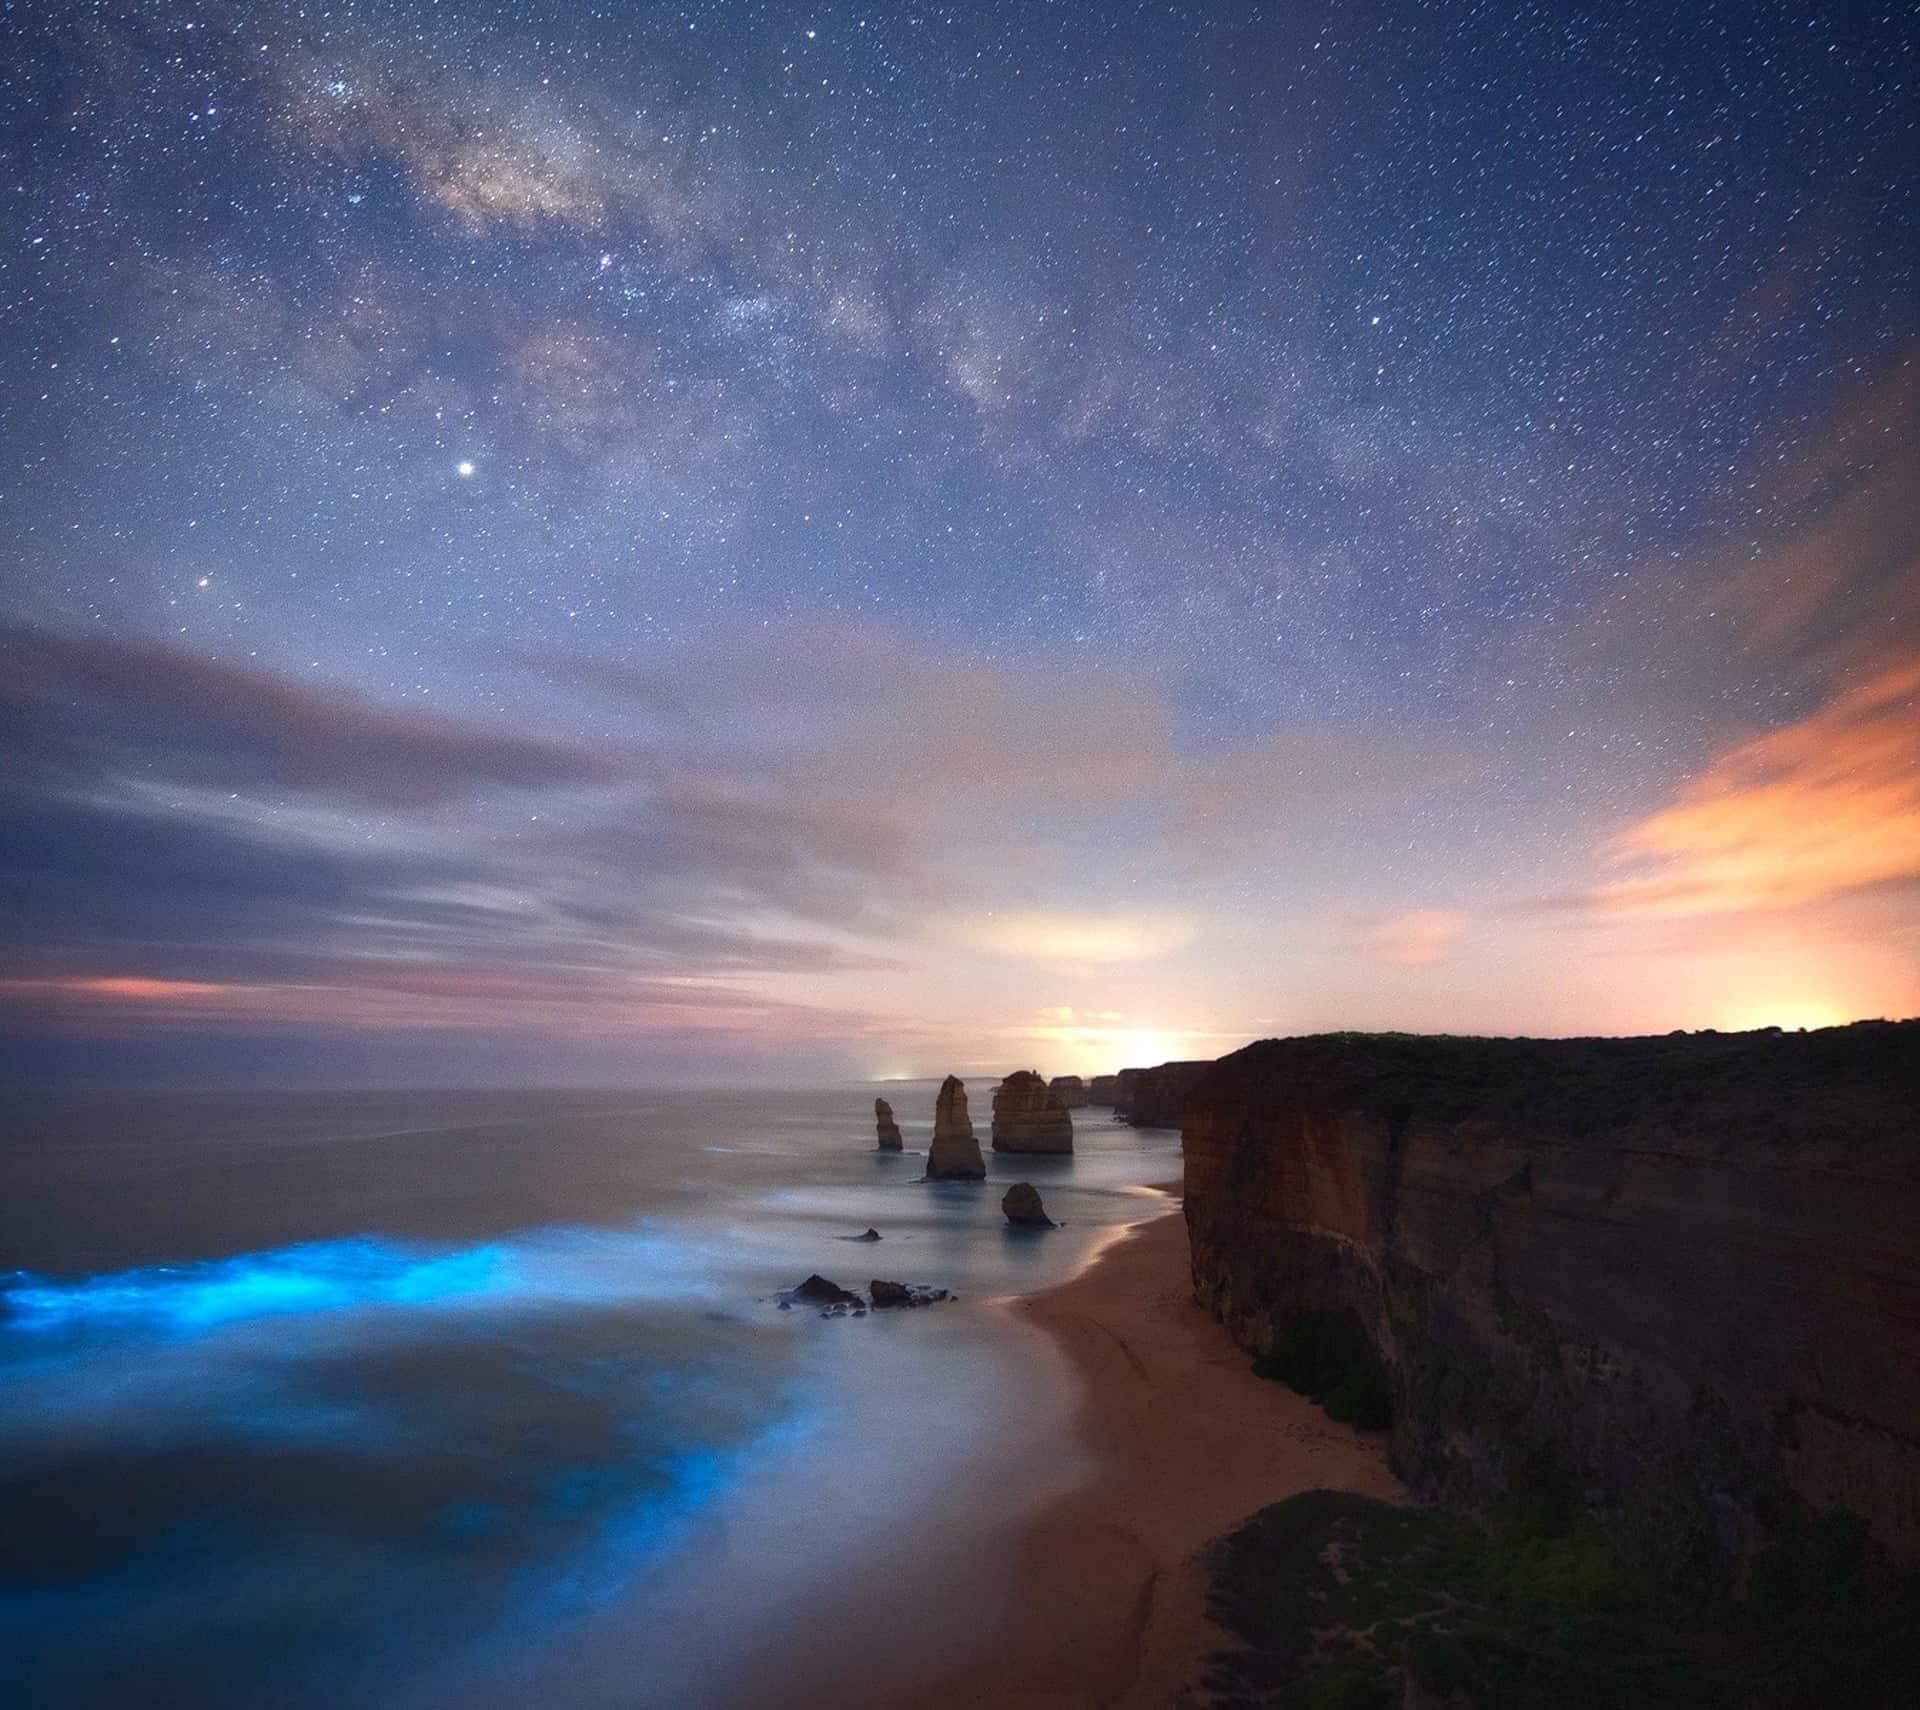 mejores imagenes de la via lactea desde australia